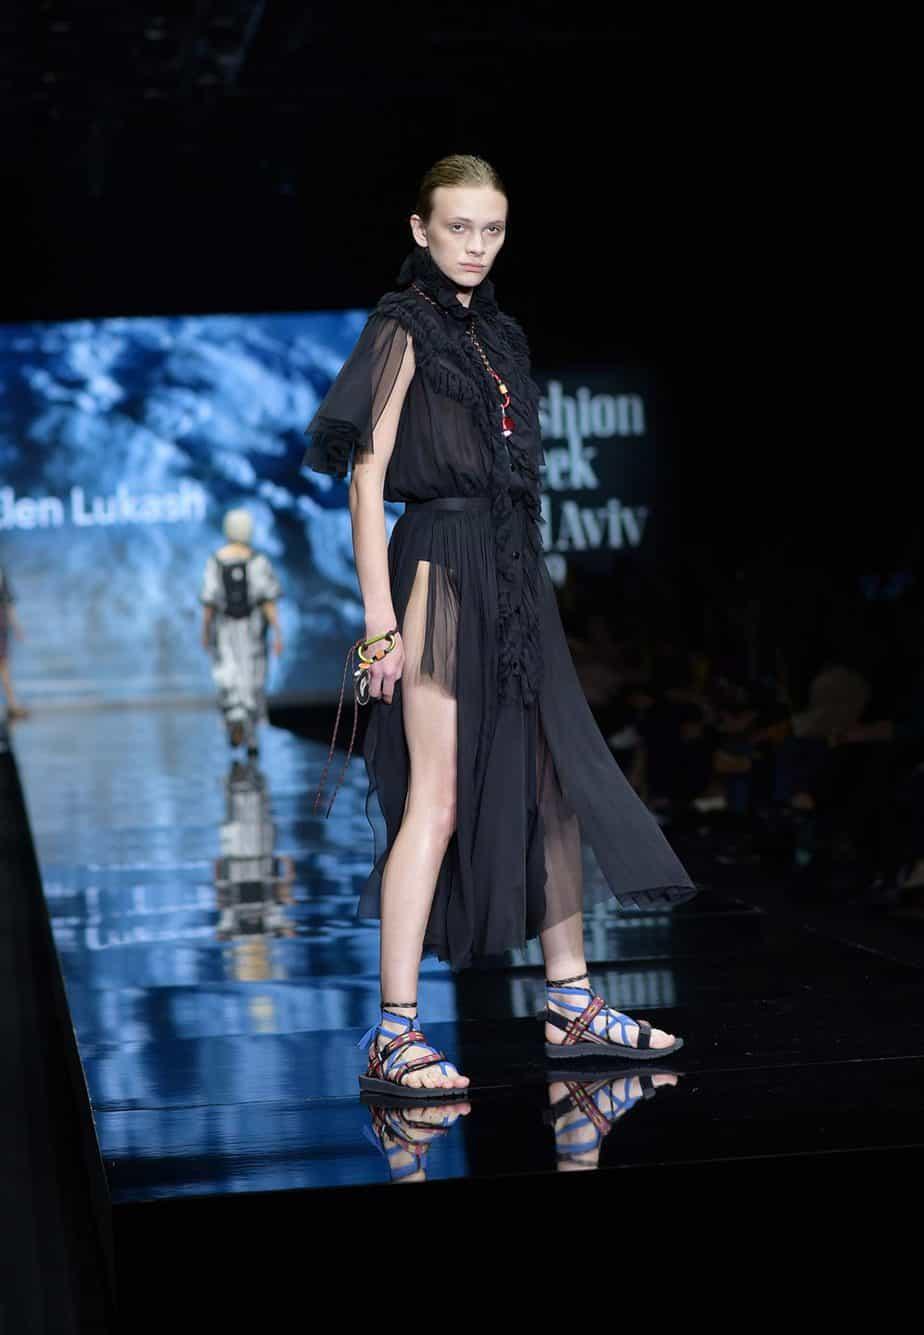 שורש. שבוע האופנה תל אביב 2019, צילום סרגו סטרודובצב - 12